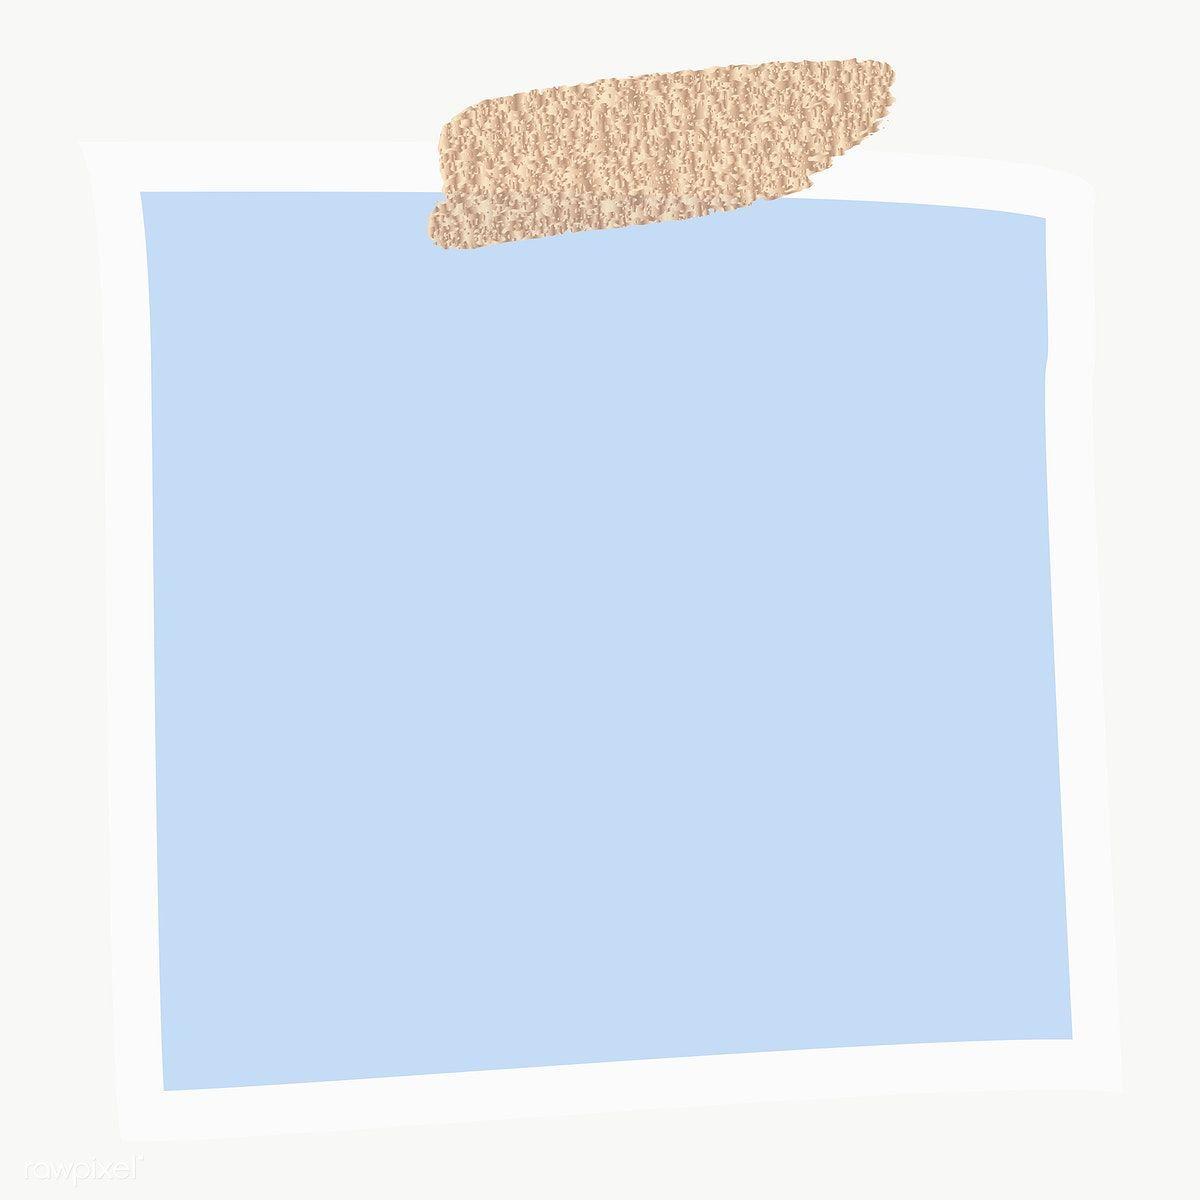 Laden Sie Premium-PNG von Blank blue notepaper auf transparentem 1233308 herunter - #1233308 #blank #herunter #laden #notepaper